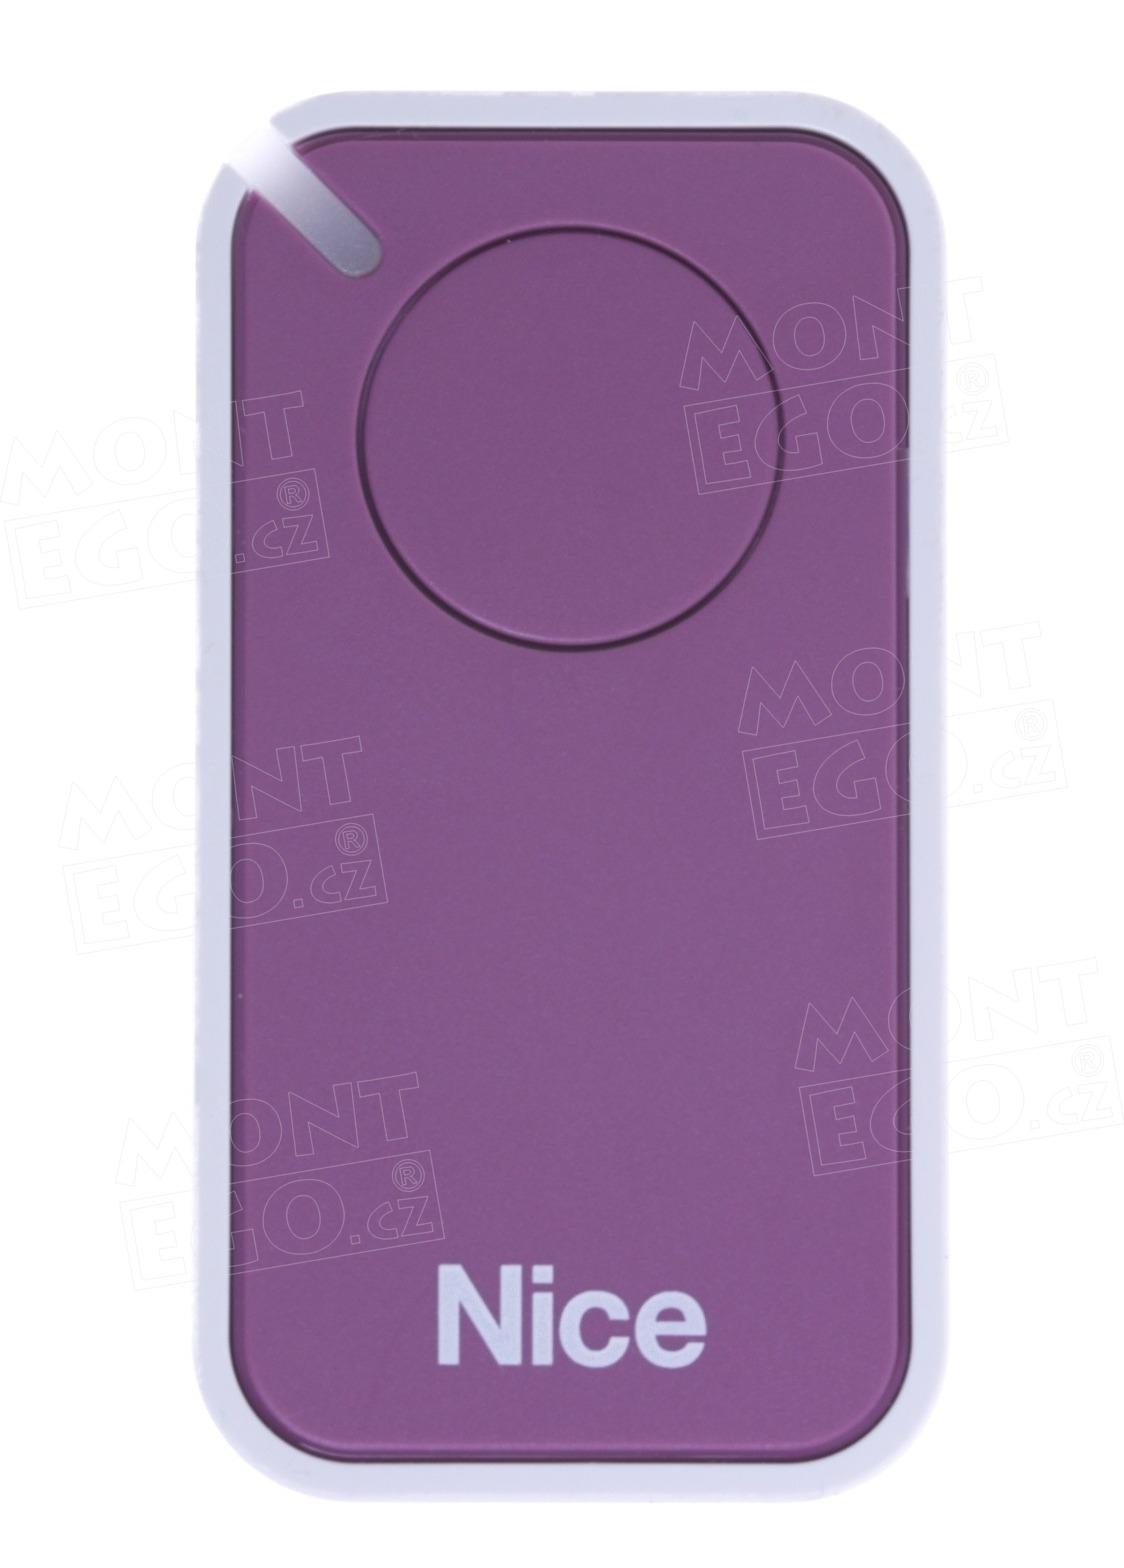 Dálkový ovladač pohonů Nice INTI1L, jednokanálový, fialový, Nice ERA INTI